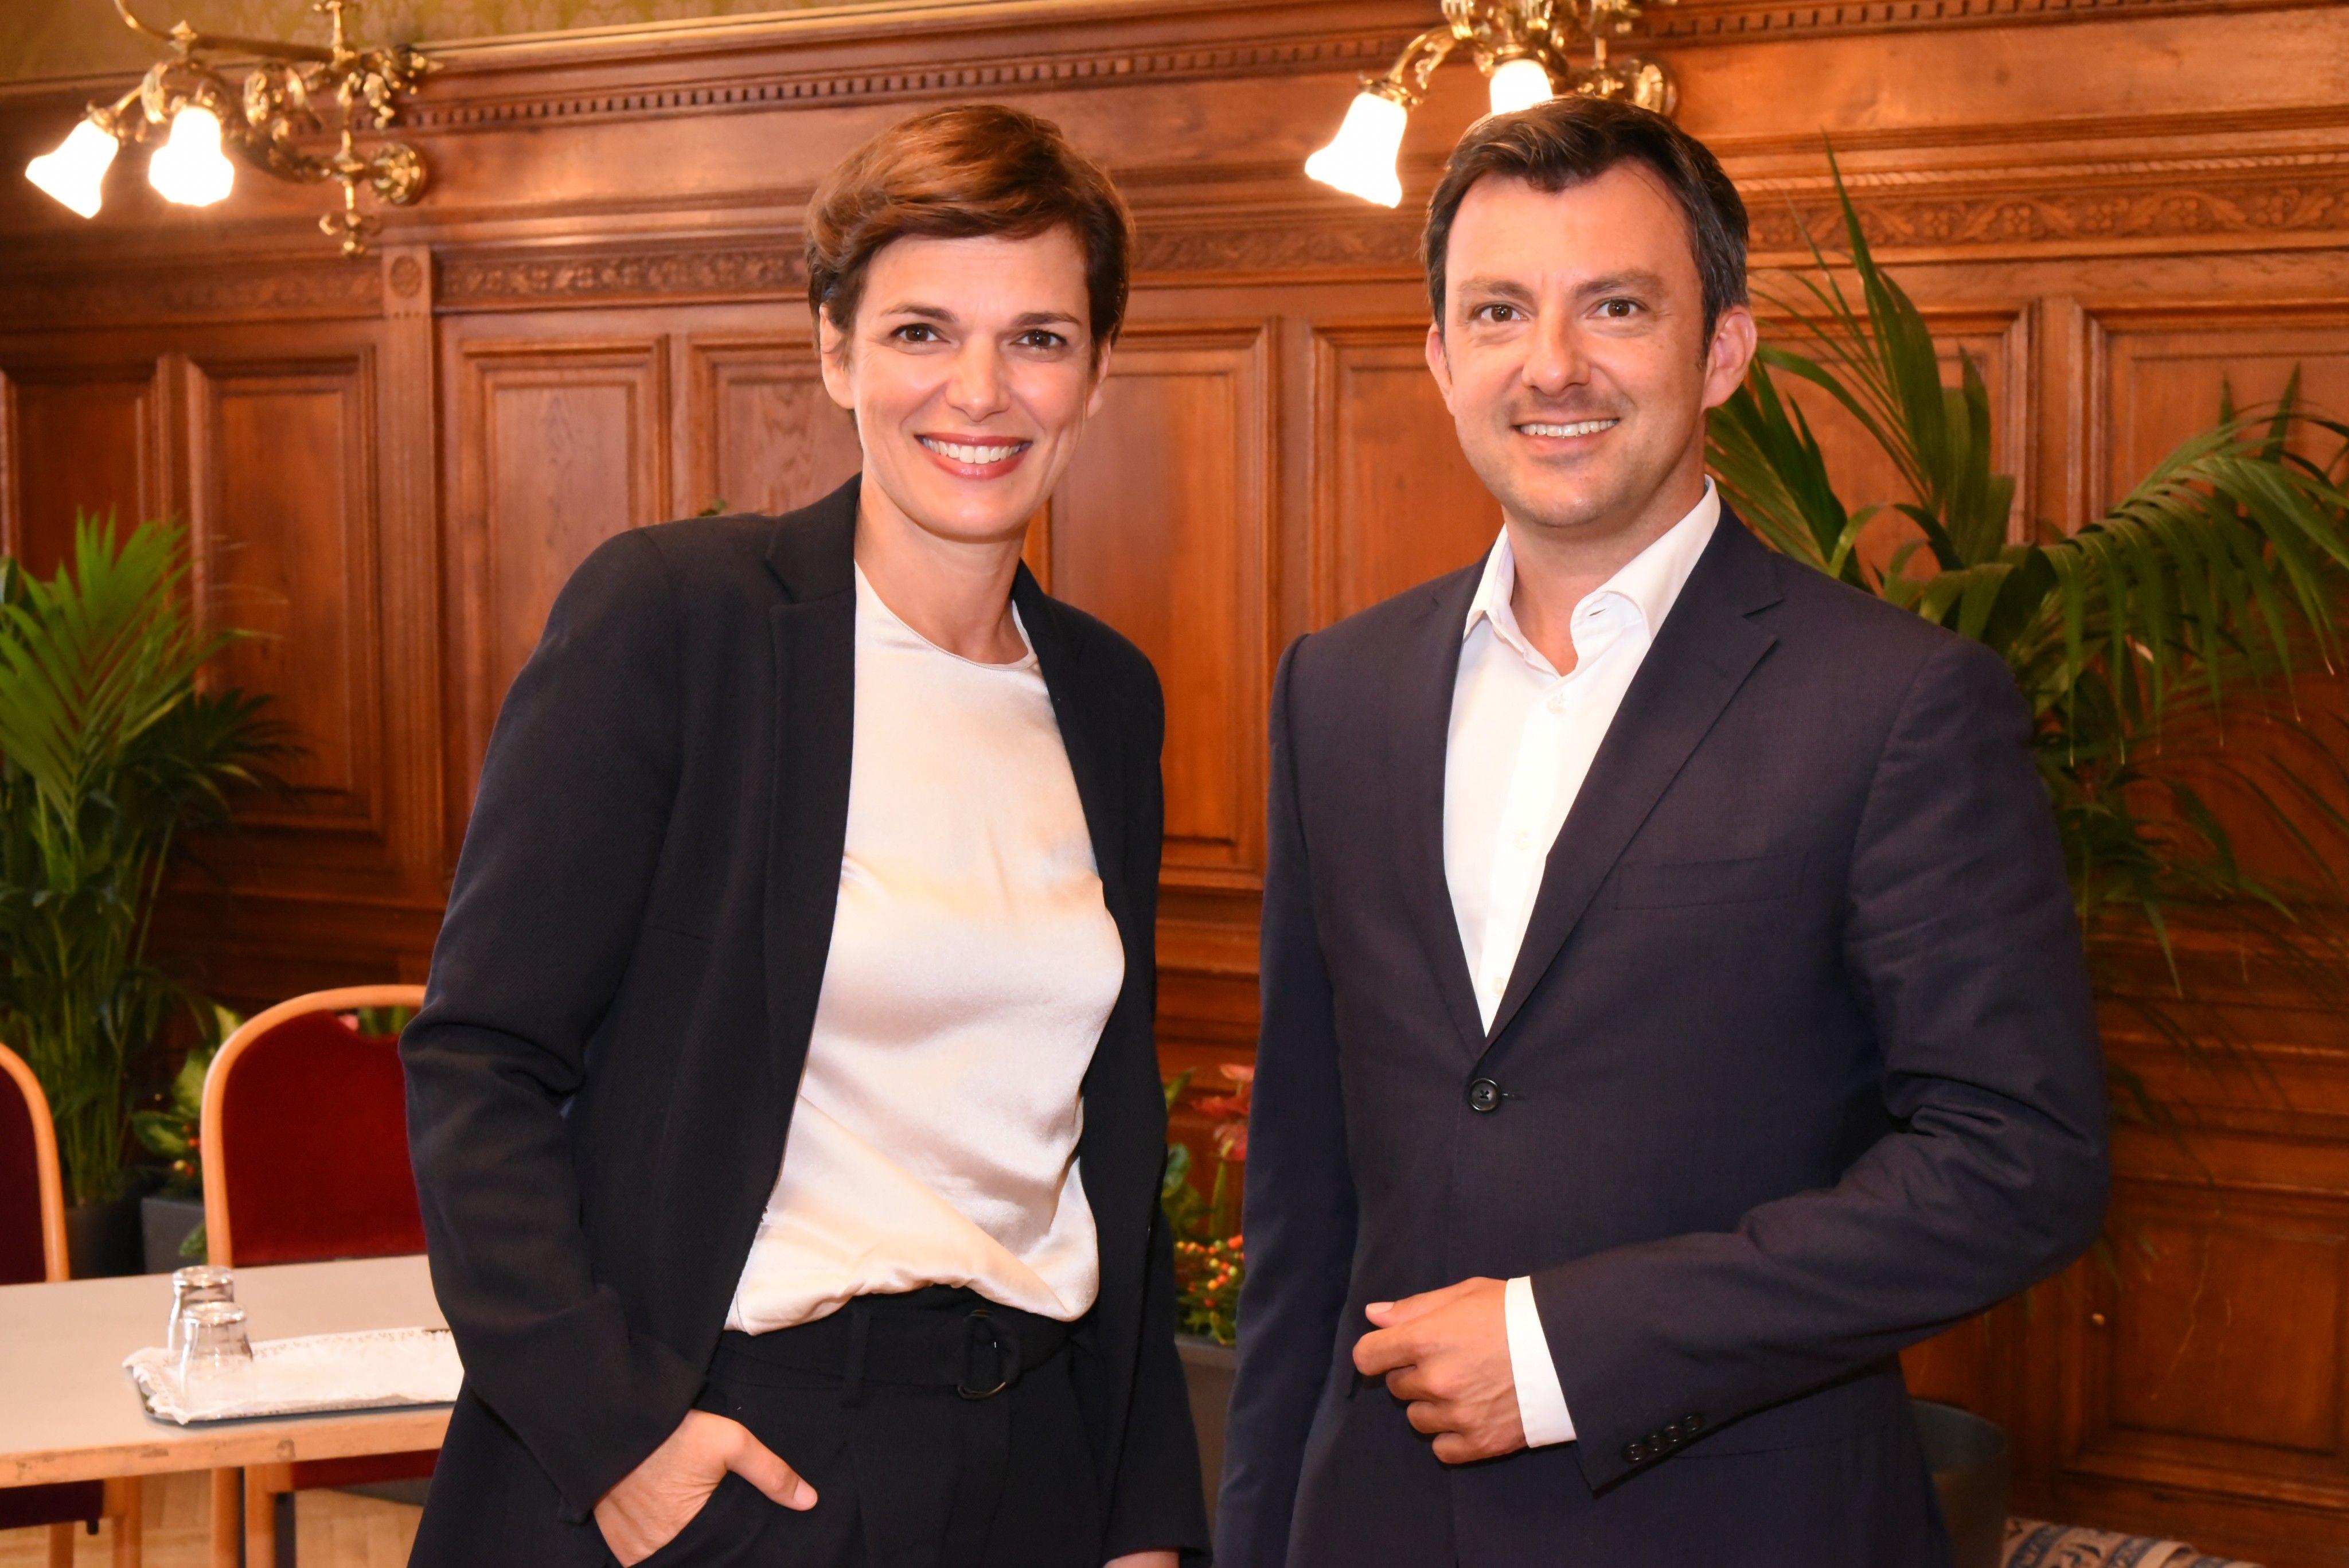 Vorarlberger SPÖ-Chef Staudinger unterstützt Rendi-Wagner